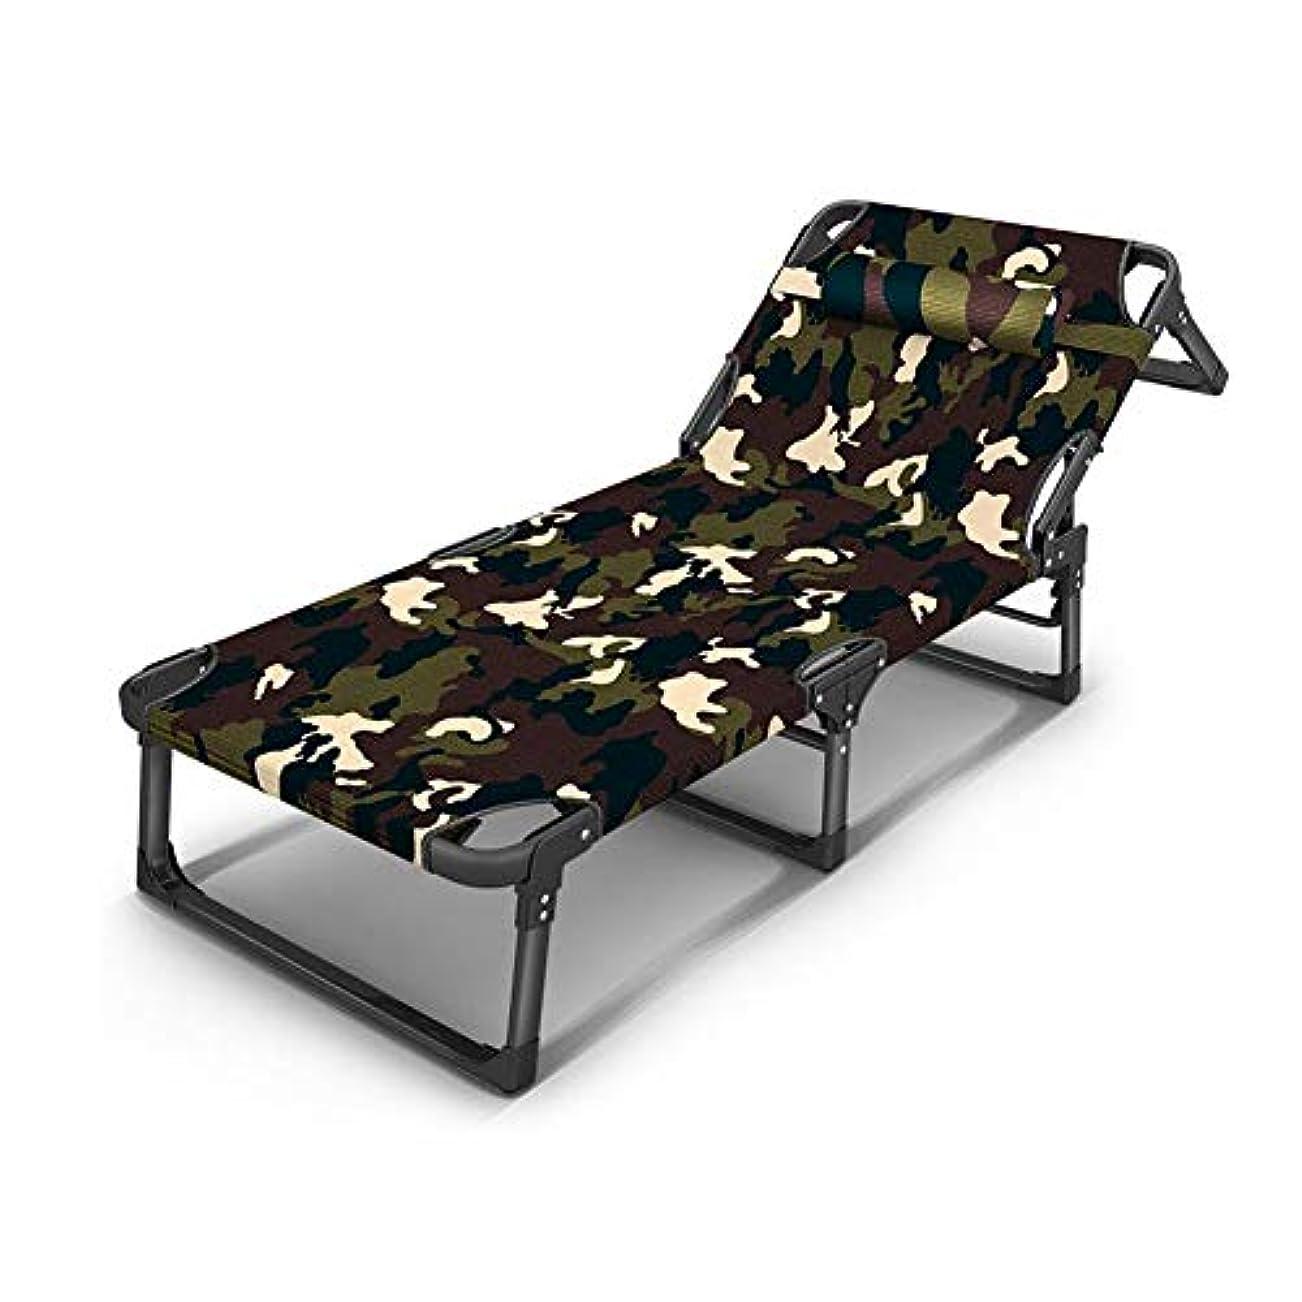 文言免除する詐欺師KTYXDE サンラウンジャーリクライニング折りたたみガーデン屋外テラスゲスト用ベッドシート 折りたたみ椅子 (色 : T2)